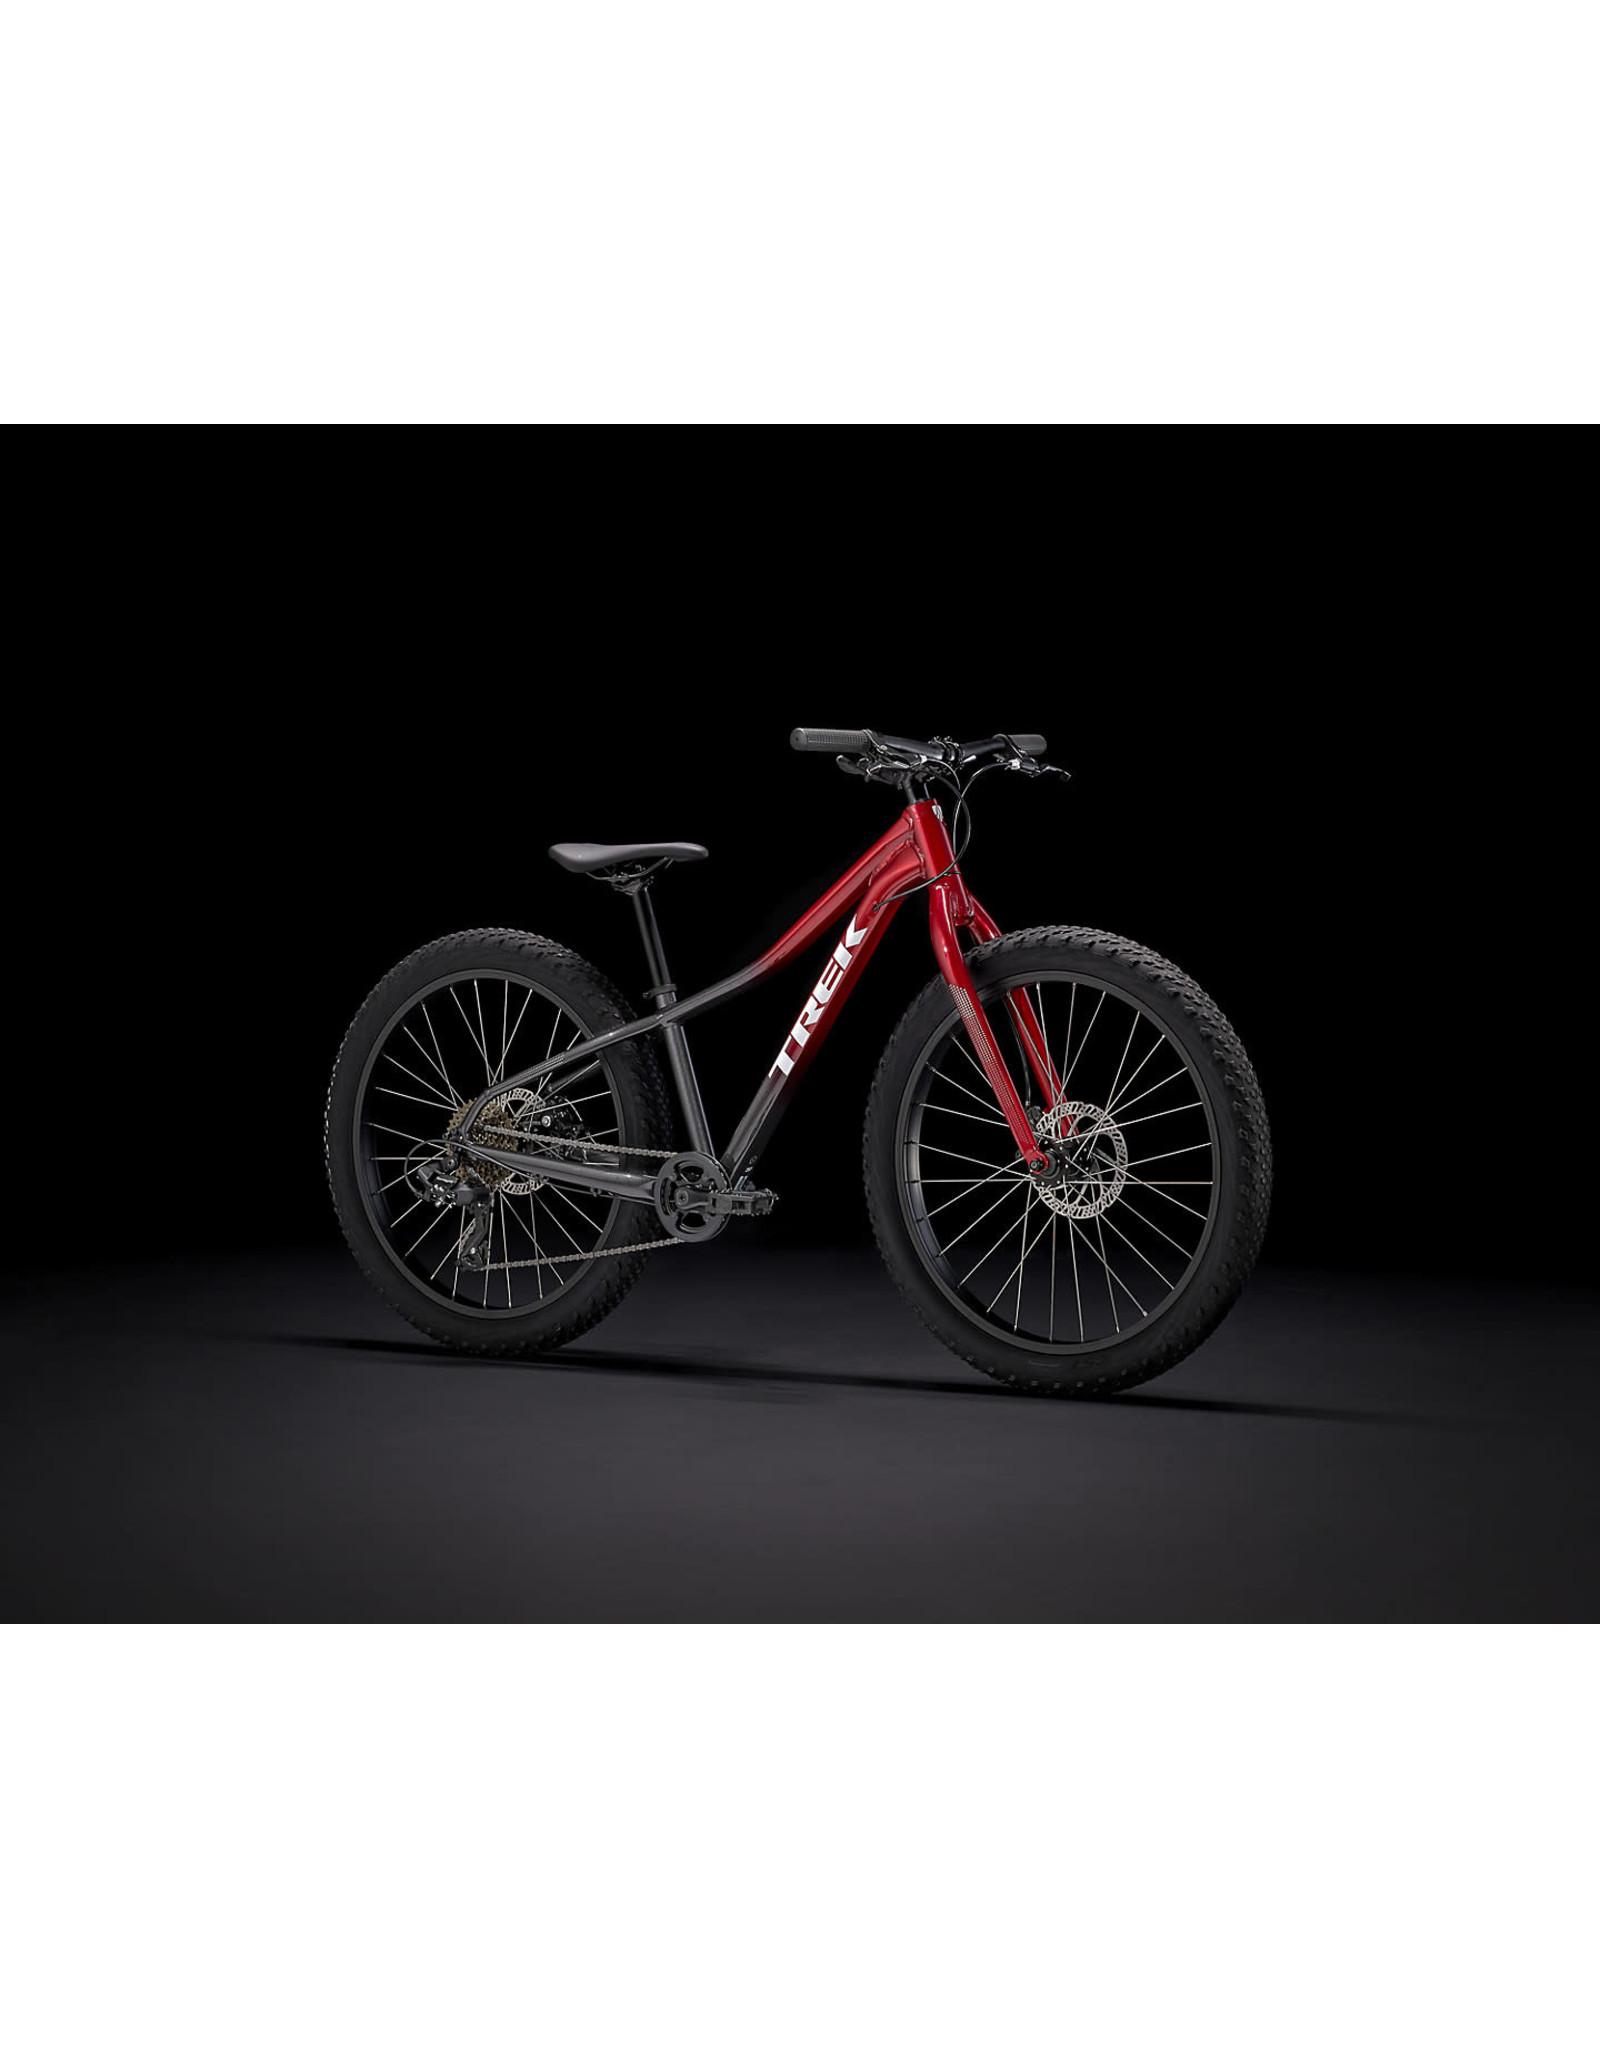 TREK ROSCOE 24 RED-BLACK